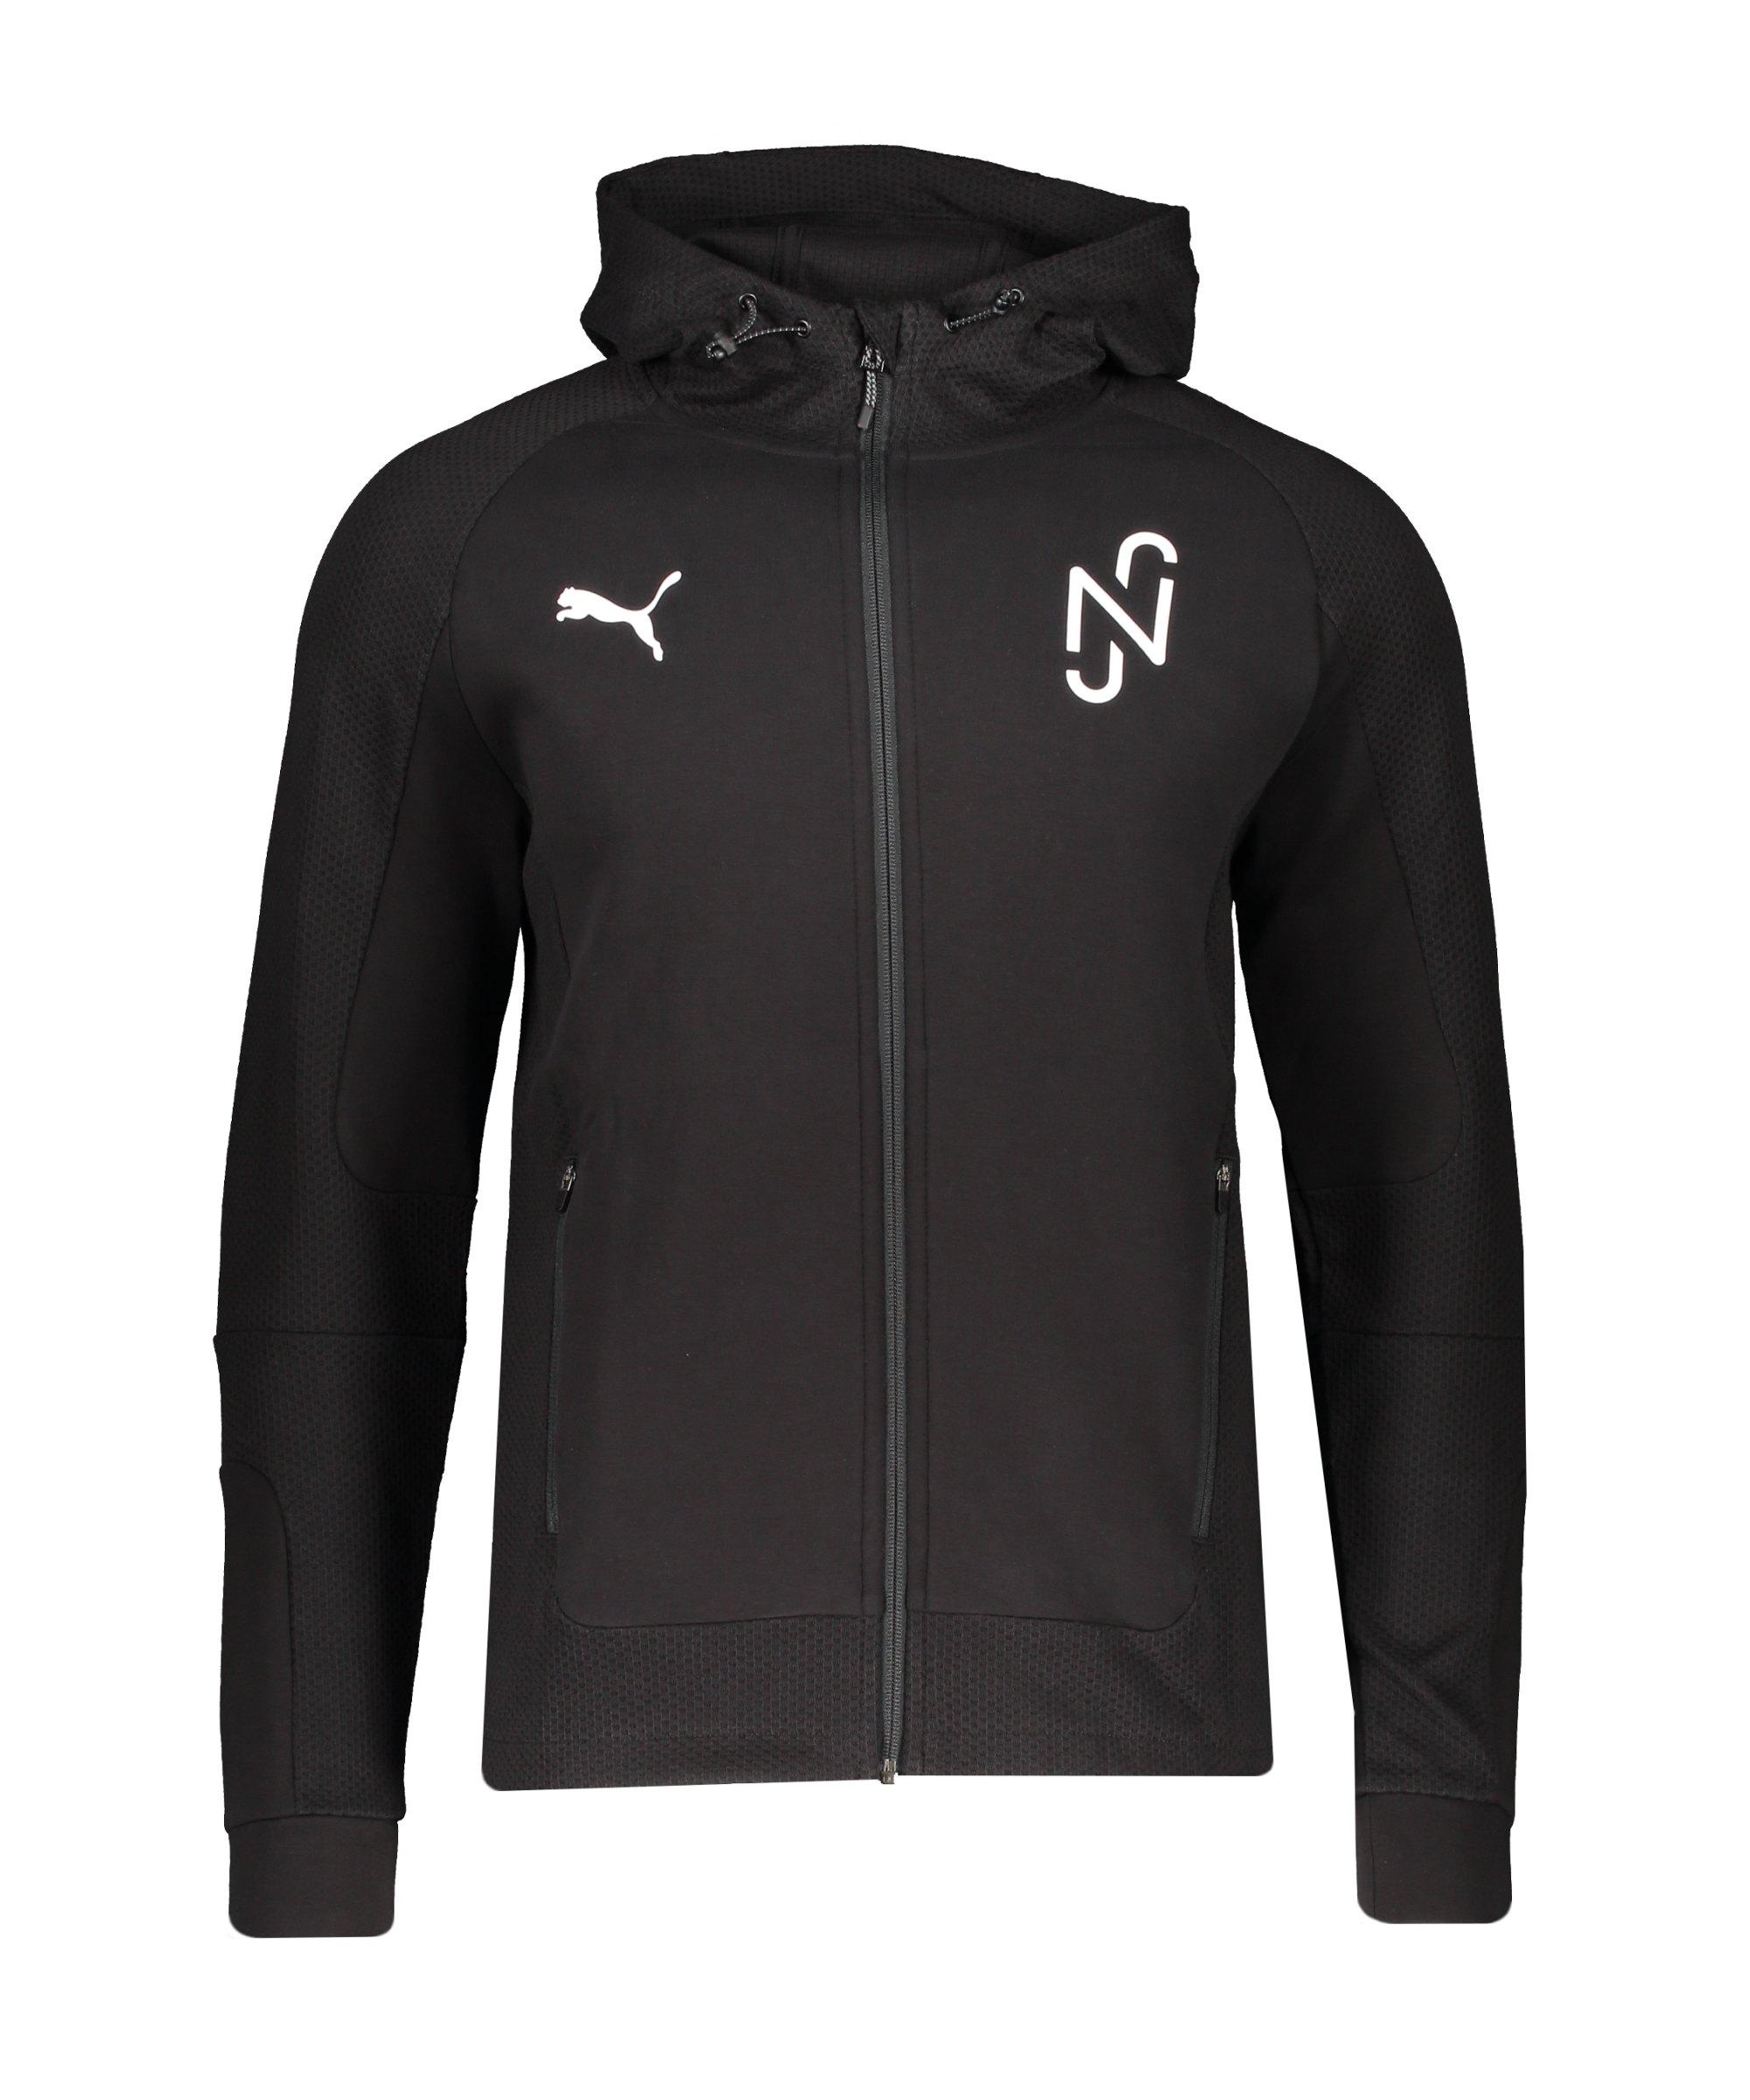 PUMA NJR Evostripe Trainingsjacke Schwarz F01 - schwarz